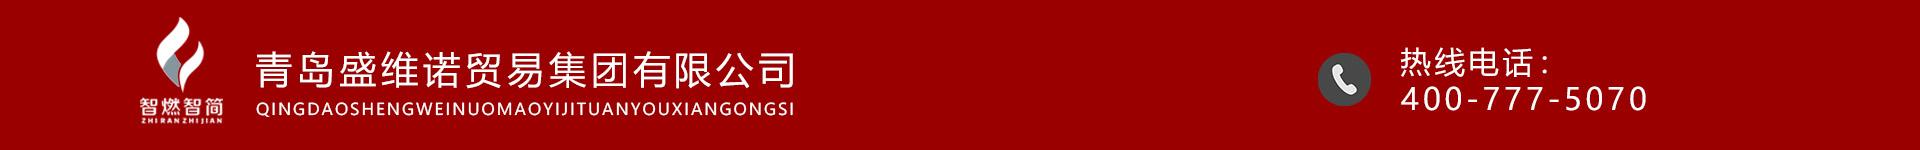 青岛盛维诺贸易集团有限公司